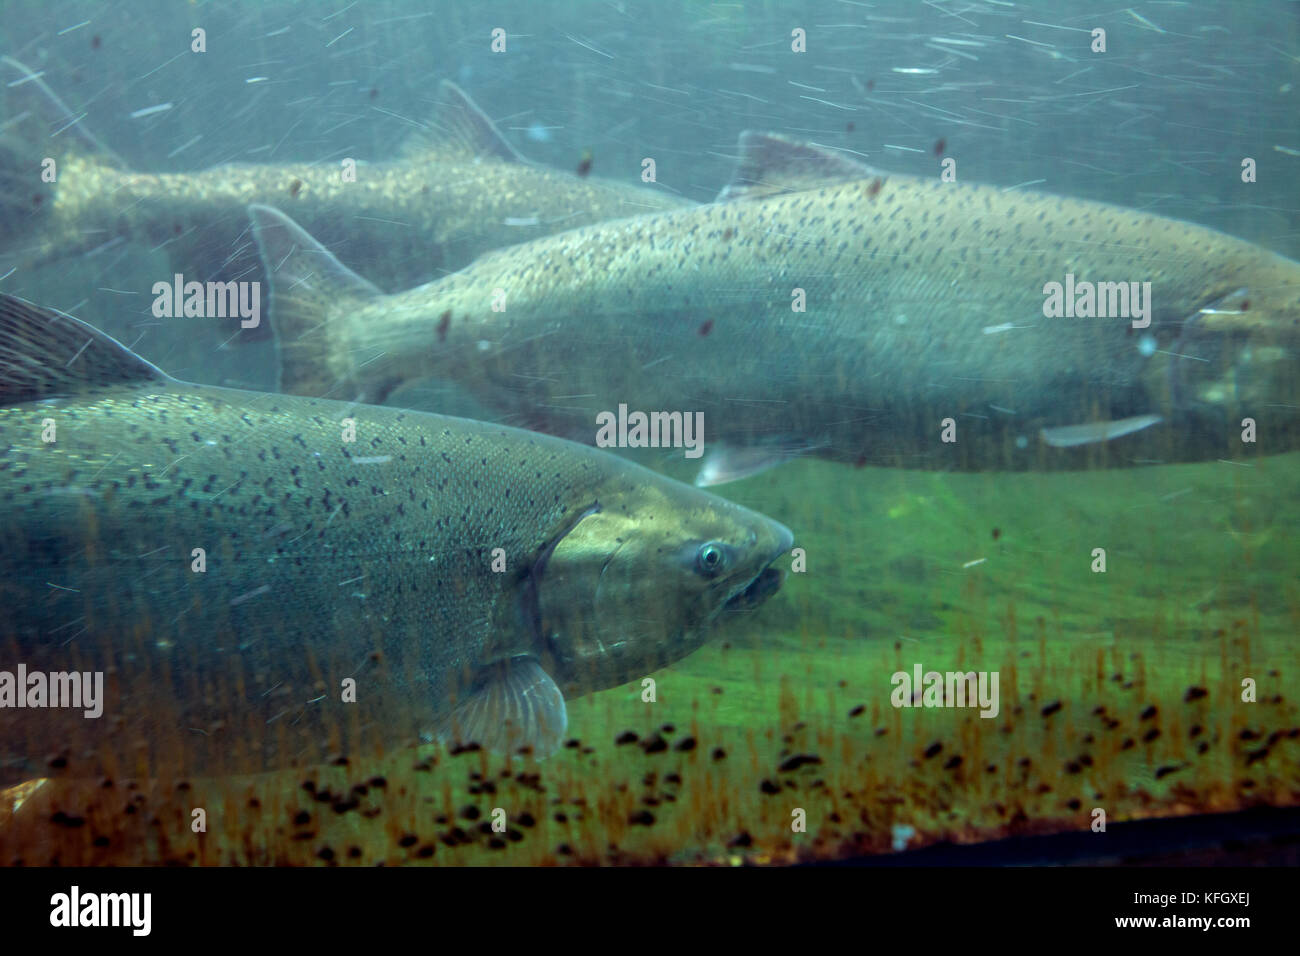 Wa14091-00...WASHINGTON - salmón el desove hasta la escalera para peces en el Hiram M. Chittenden bloqueos Imagen De Stock